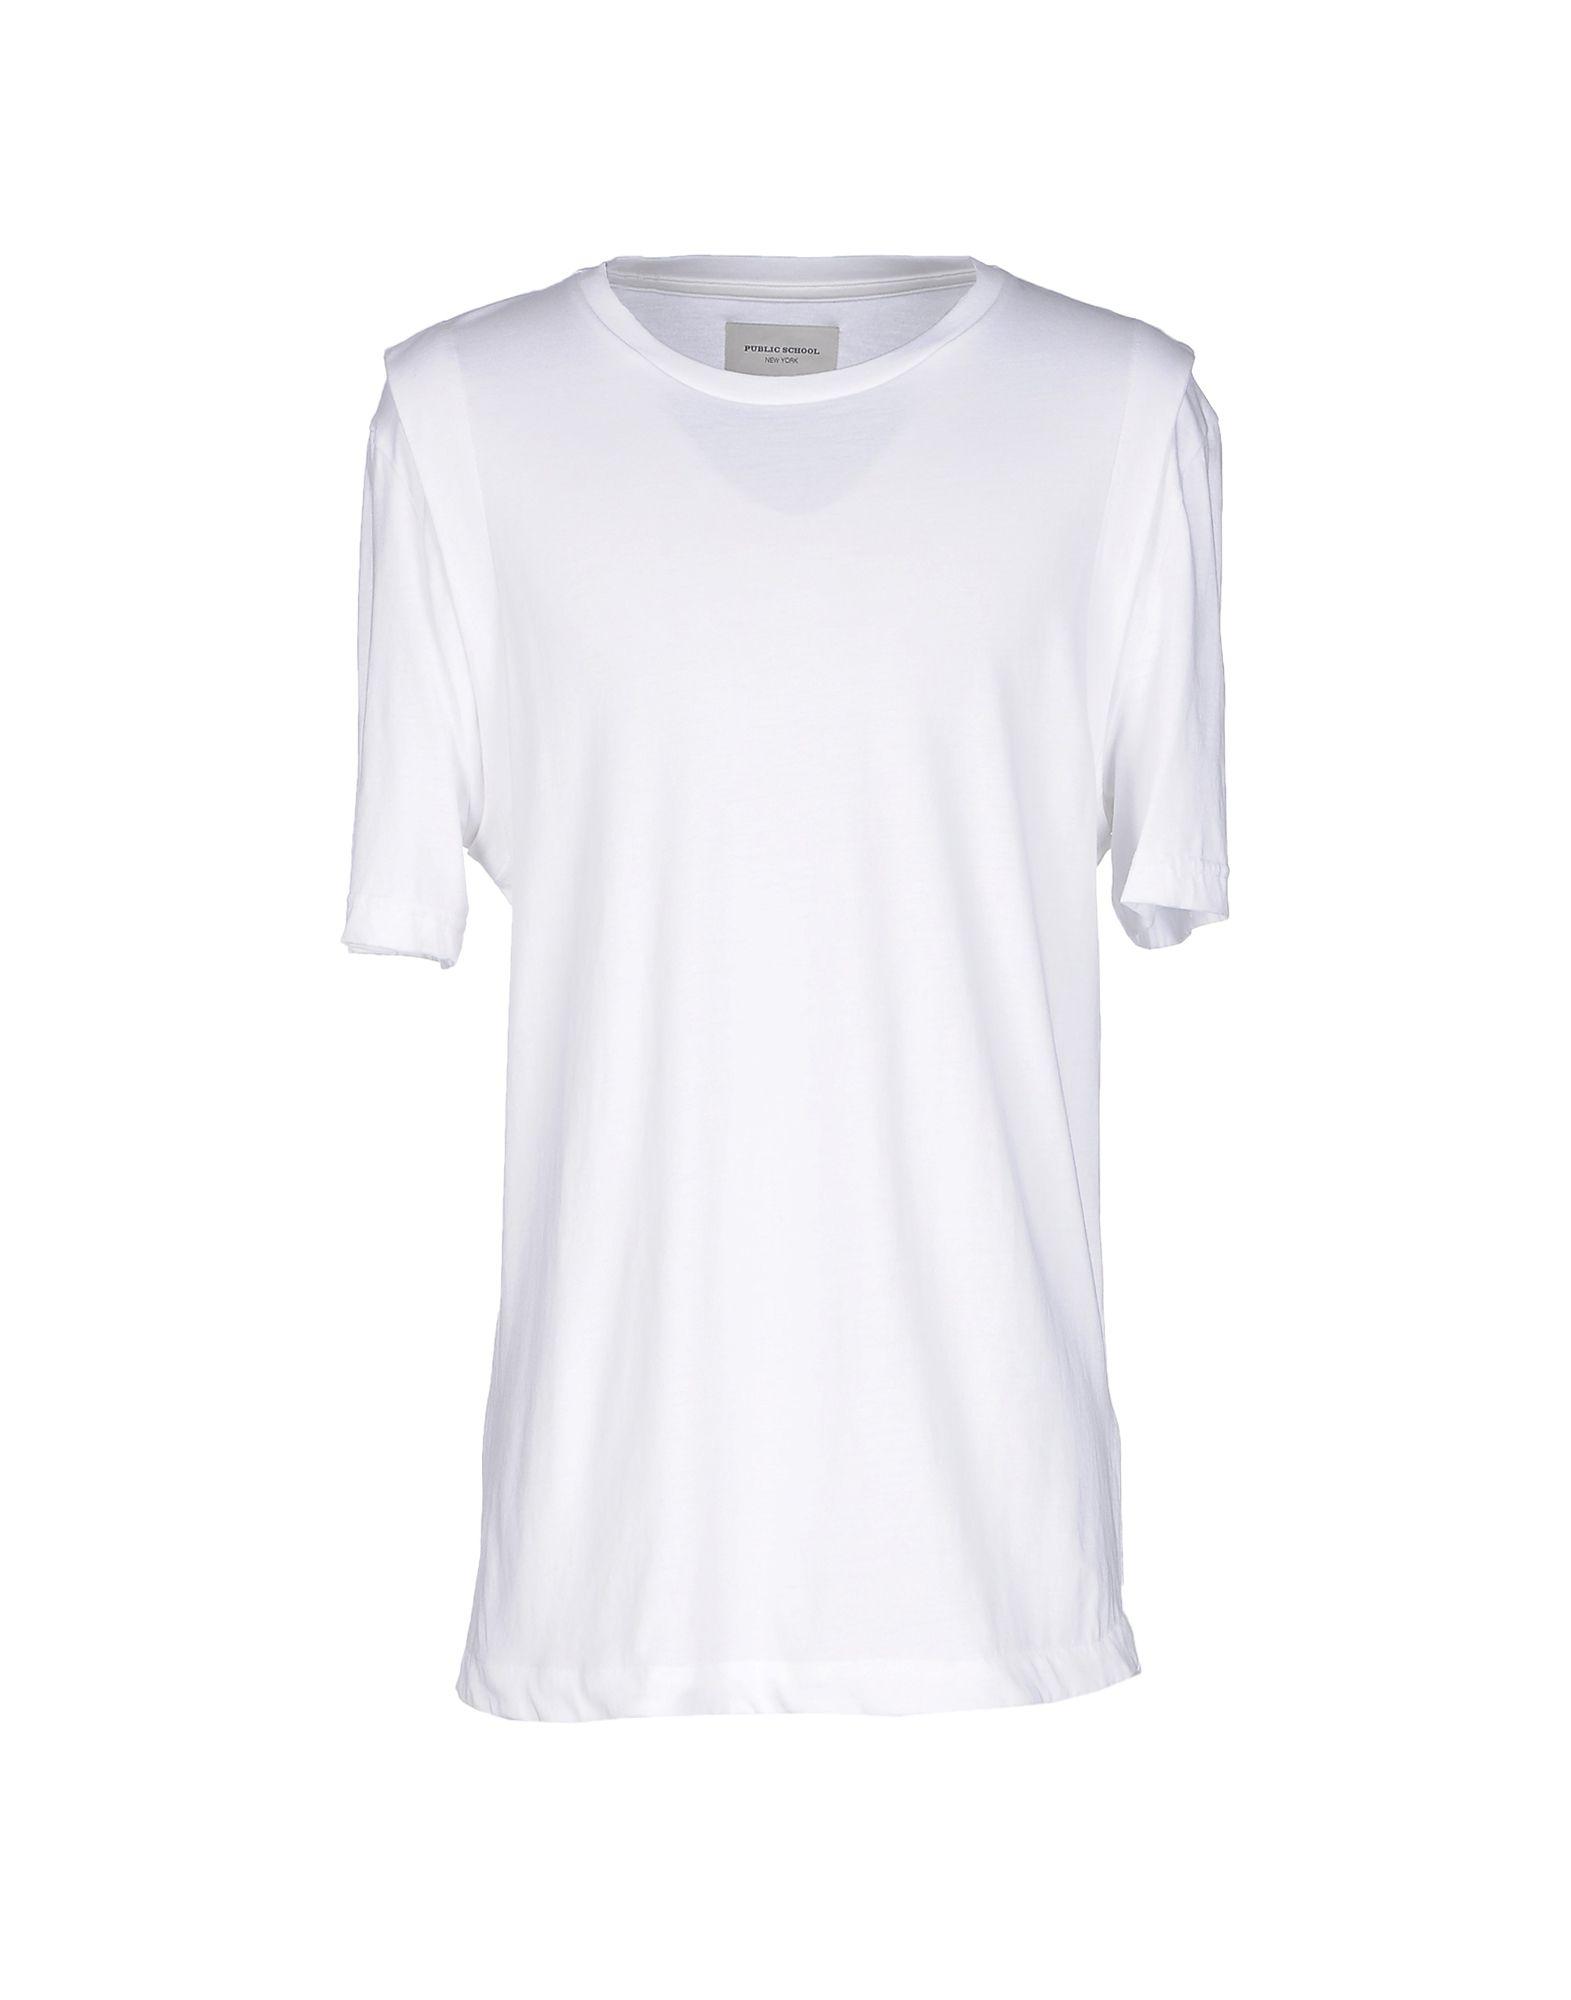 Public School T-Shirt In White